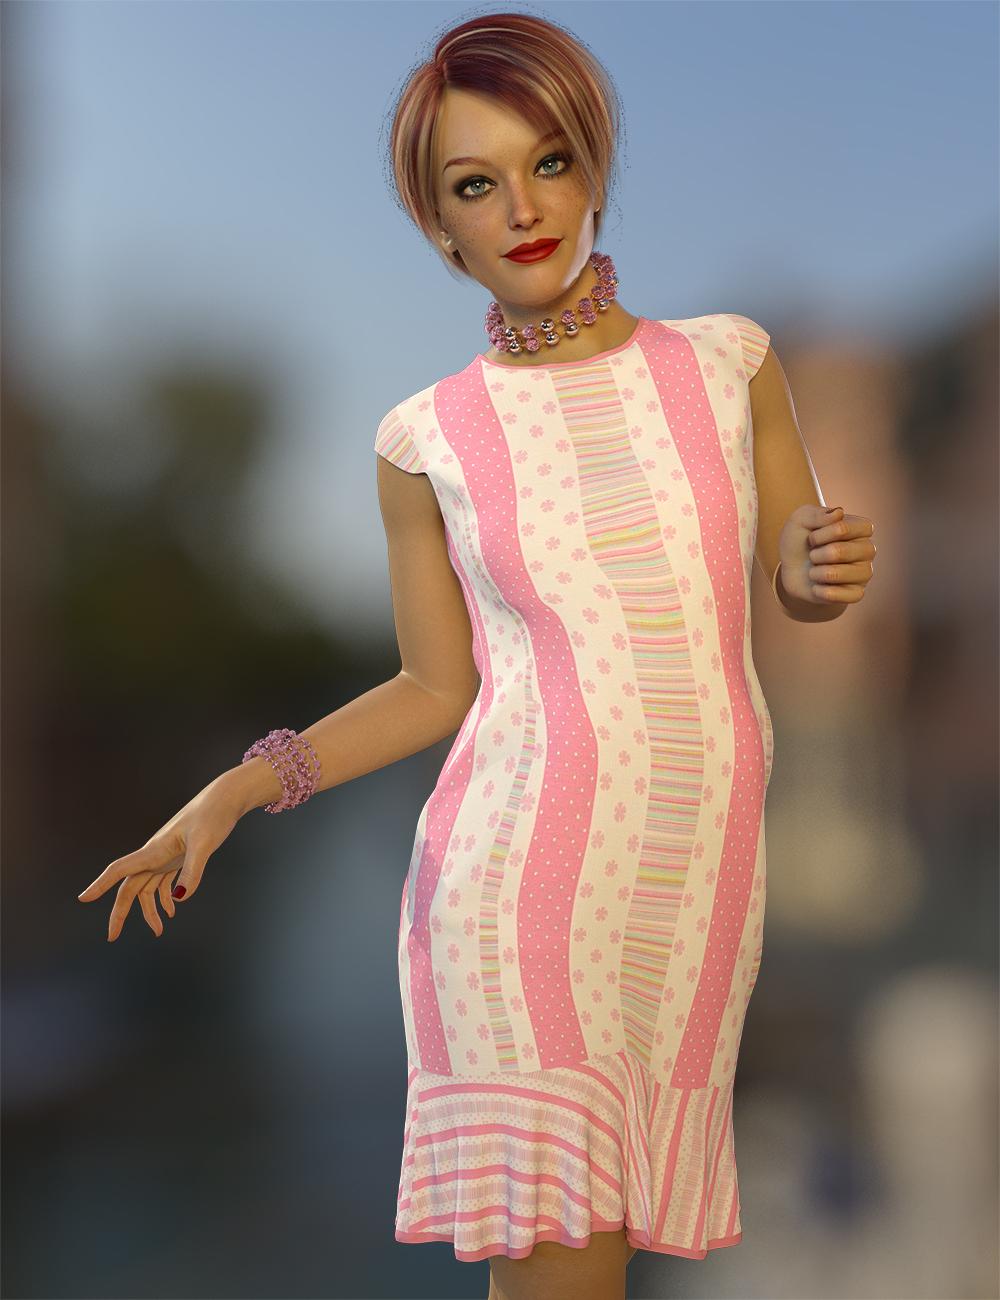 dForce Amelia Outfit Texture Expansion by: Nelmi, 3D Models by Daz 3D